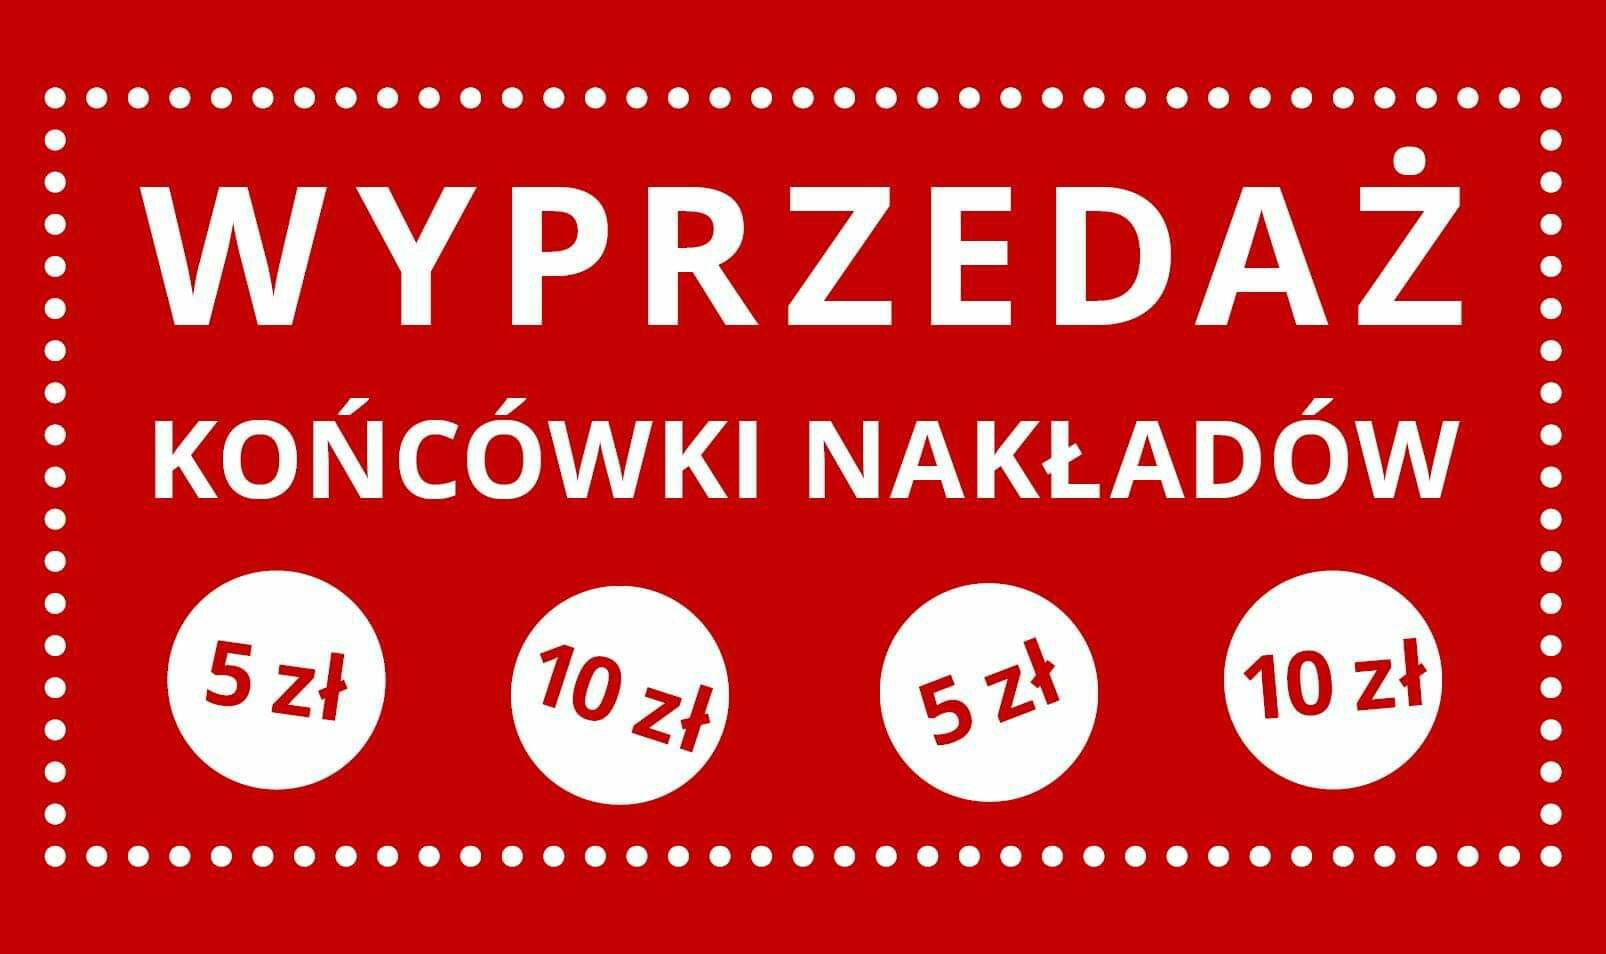 Wyprzedaży  końcówki  nakładów  w wydawnictwie  Mamania po 5 i 10 zł